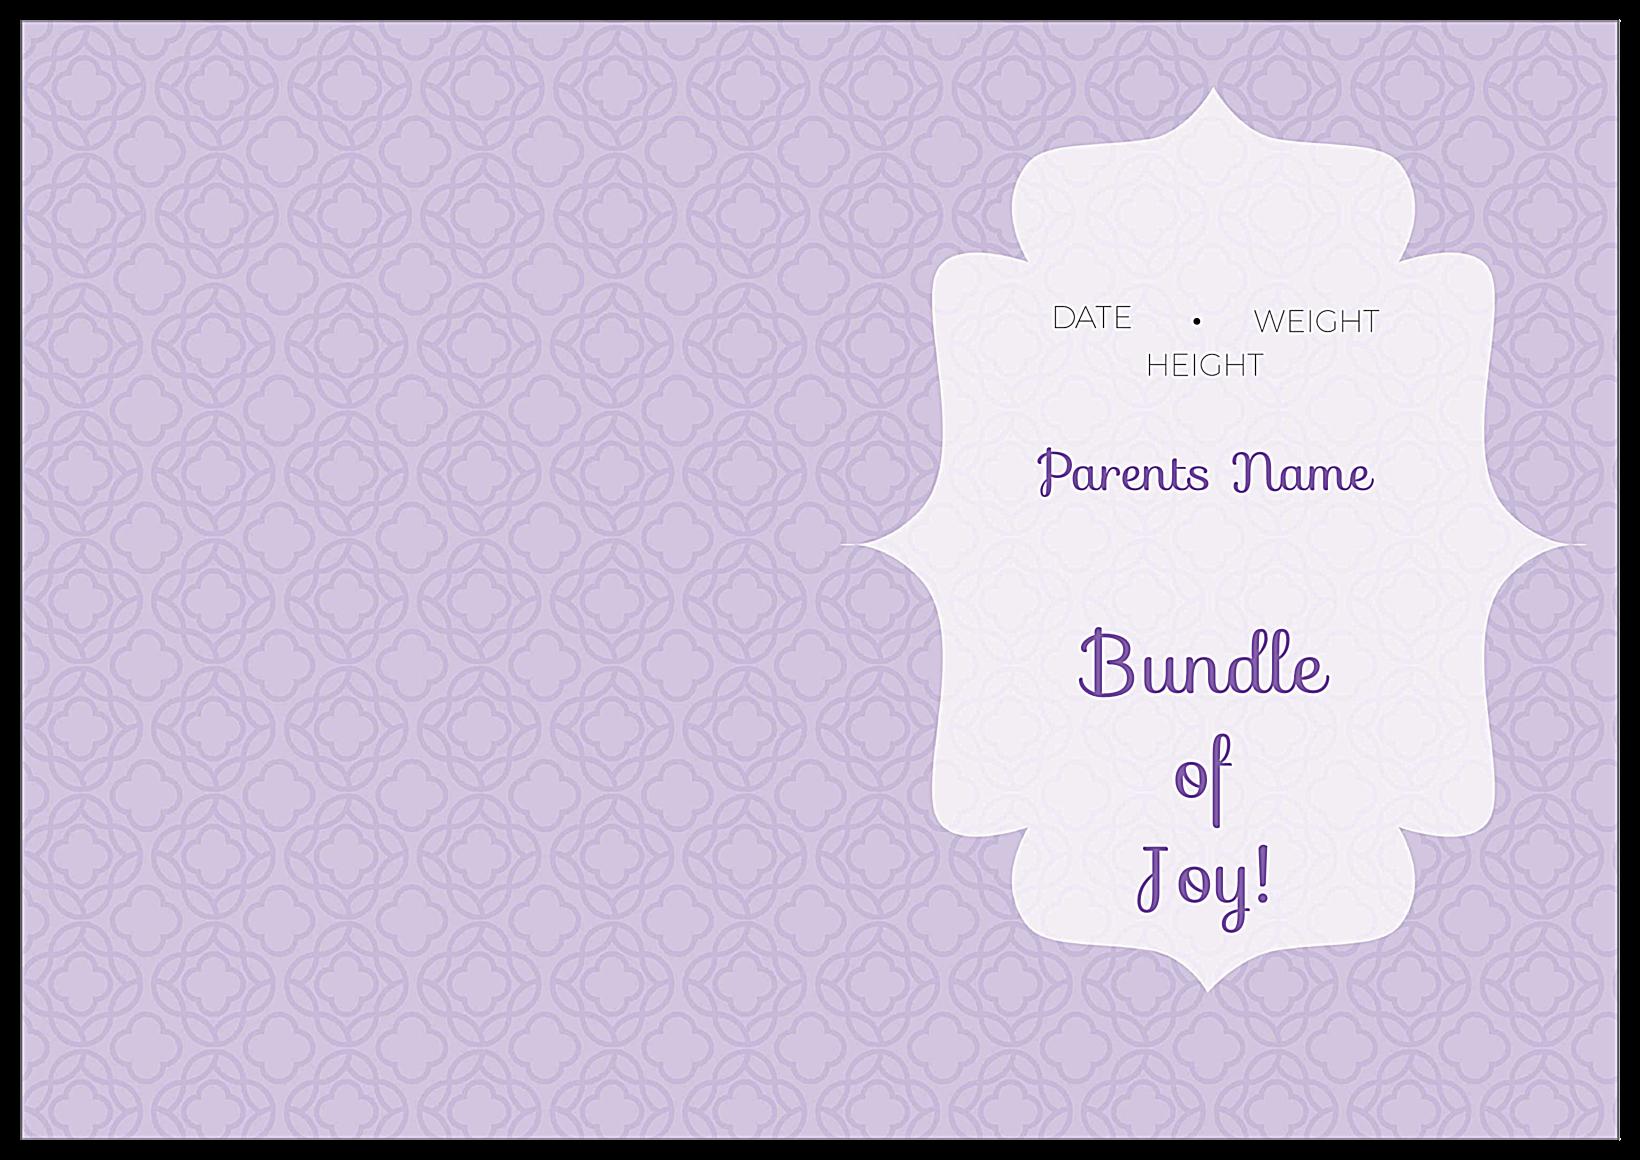 Bundle of Joy back - Greeting Cards Maker